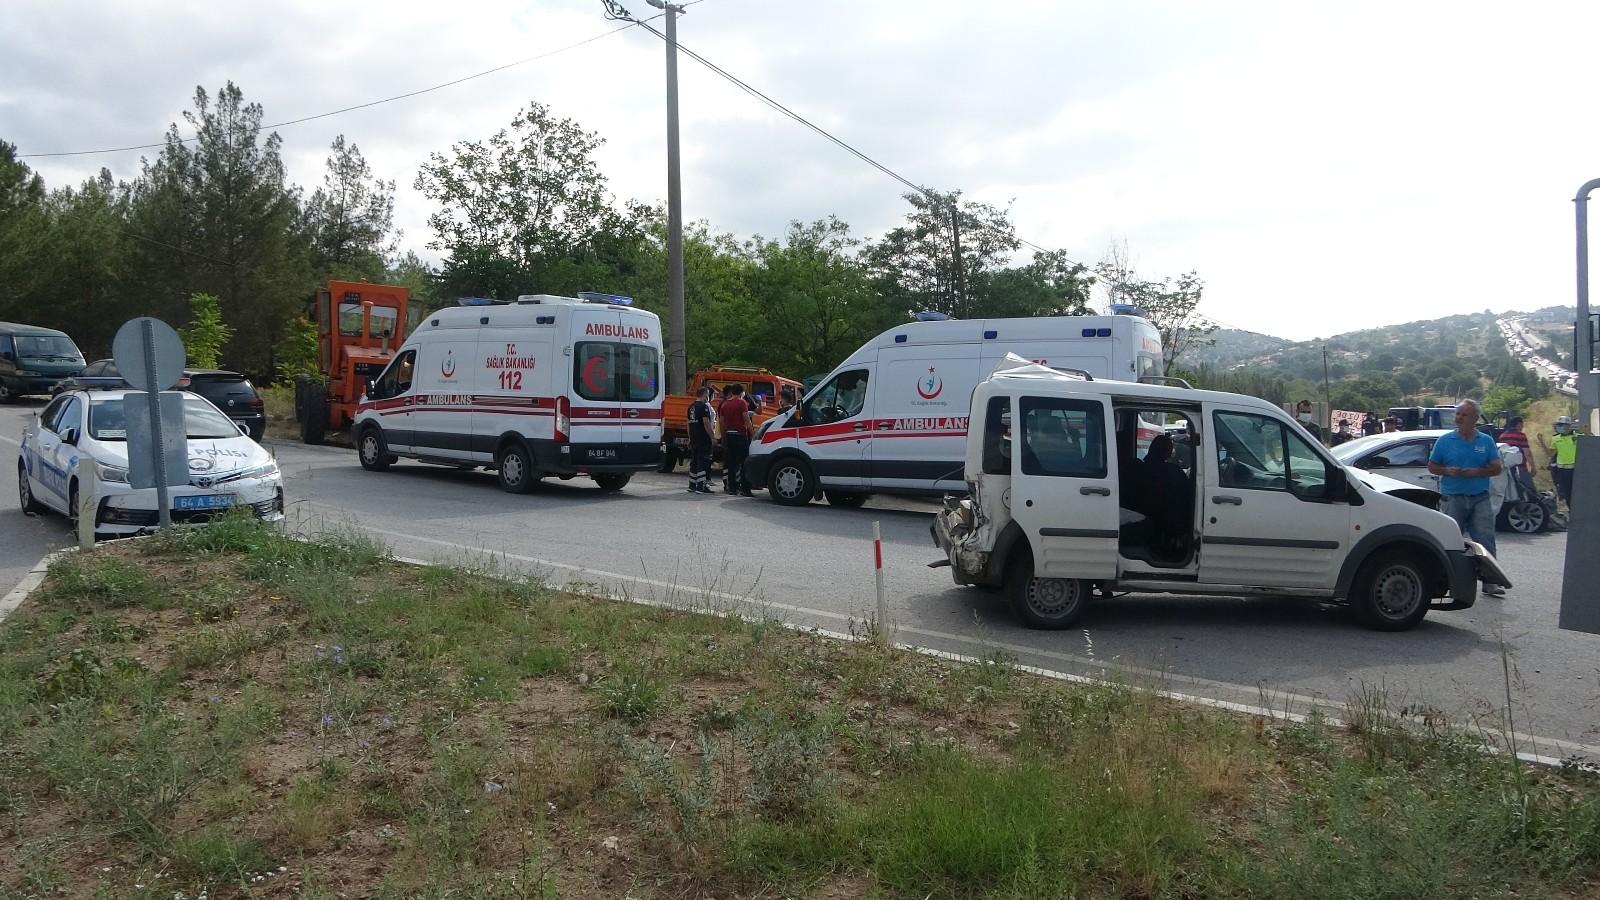 Uşak'ta 8 aracın karıştığı zincirleme kazada 8 kişi yaralandı